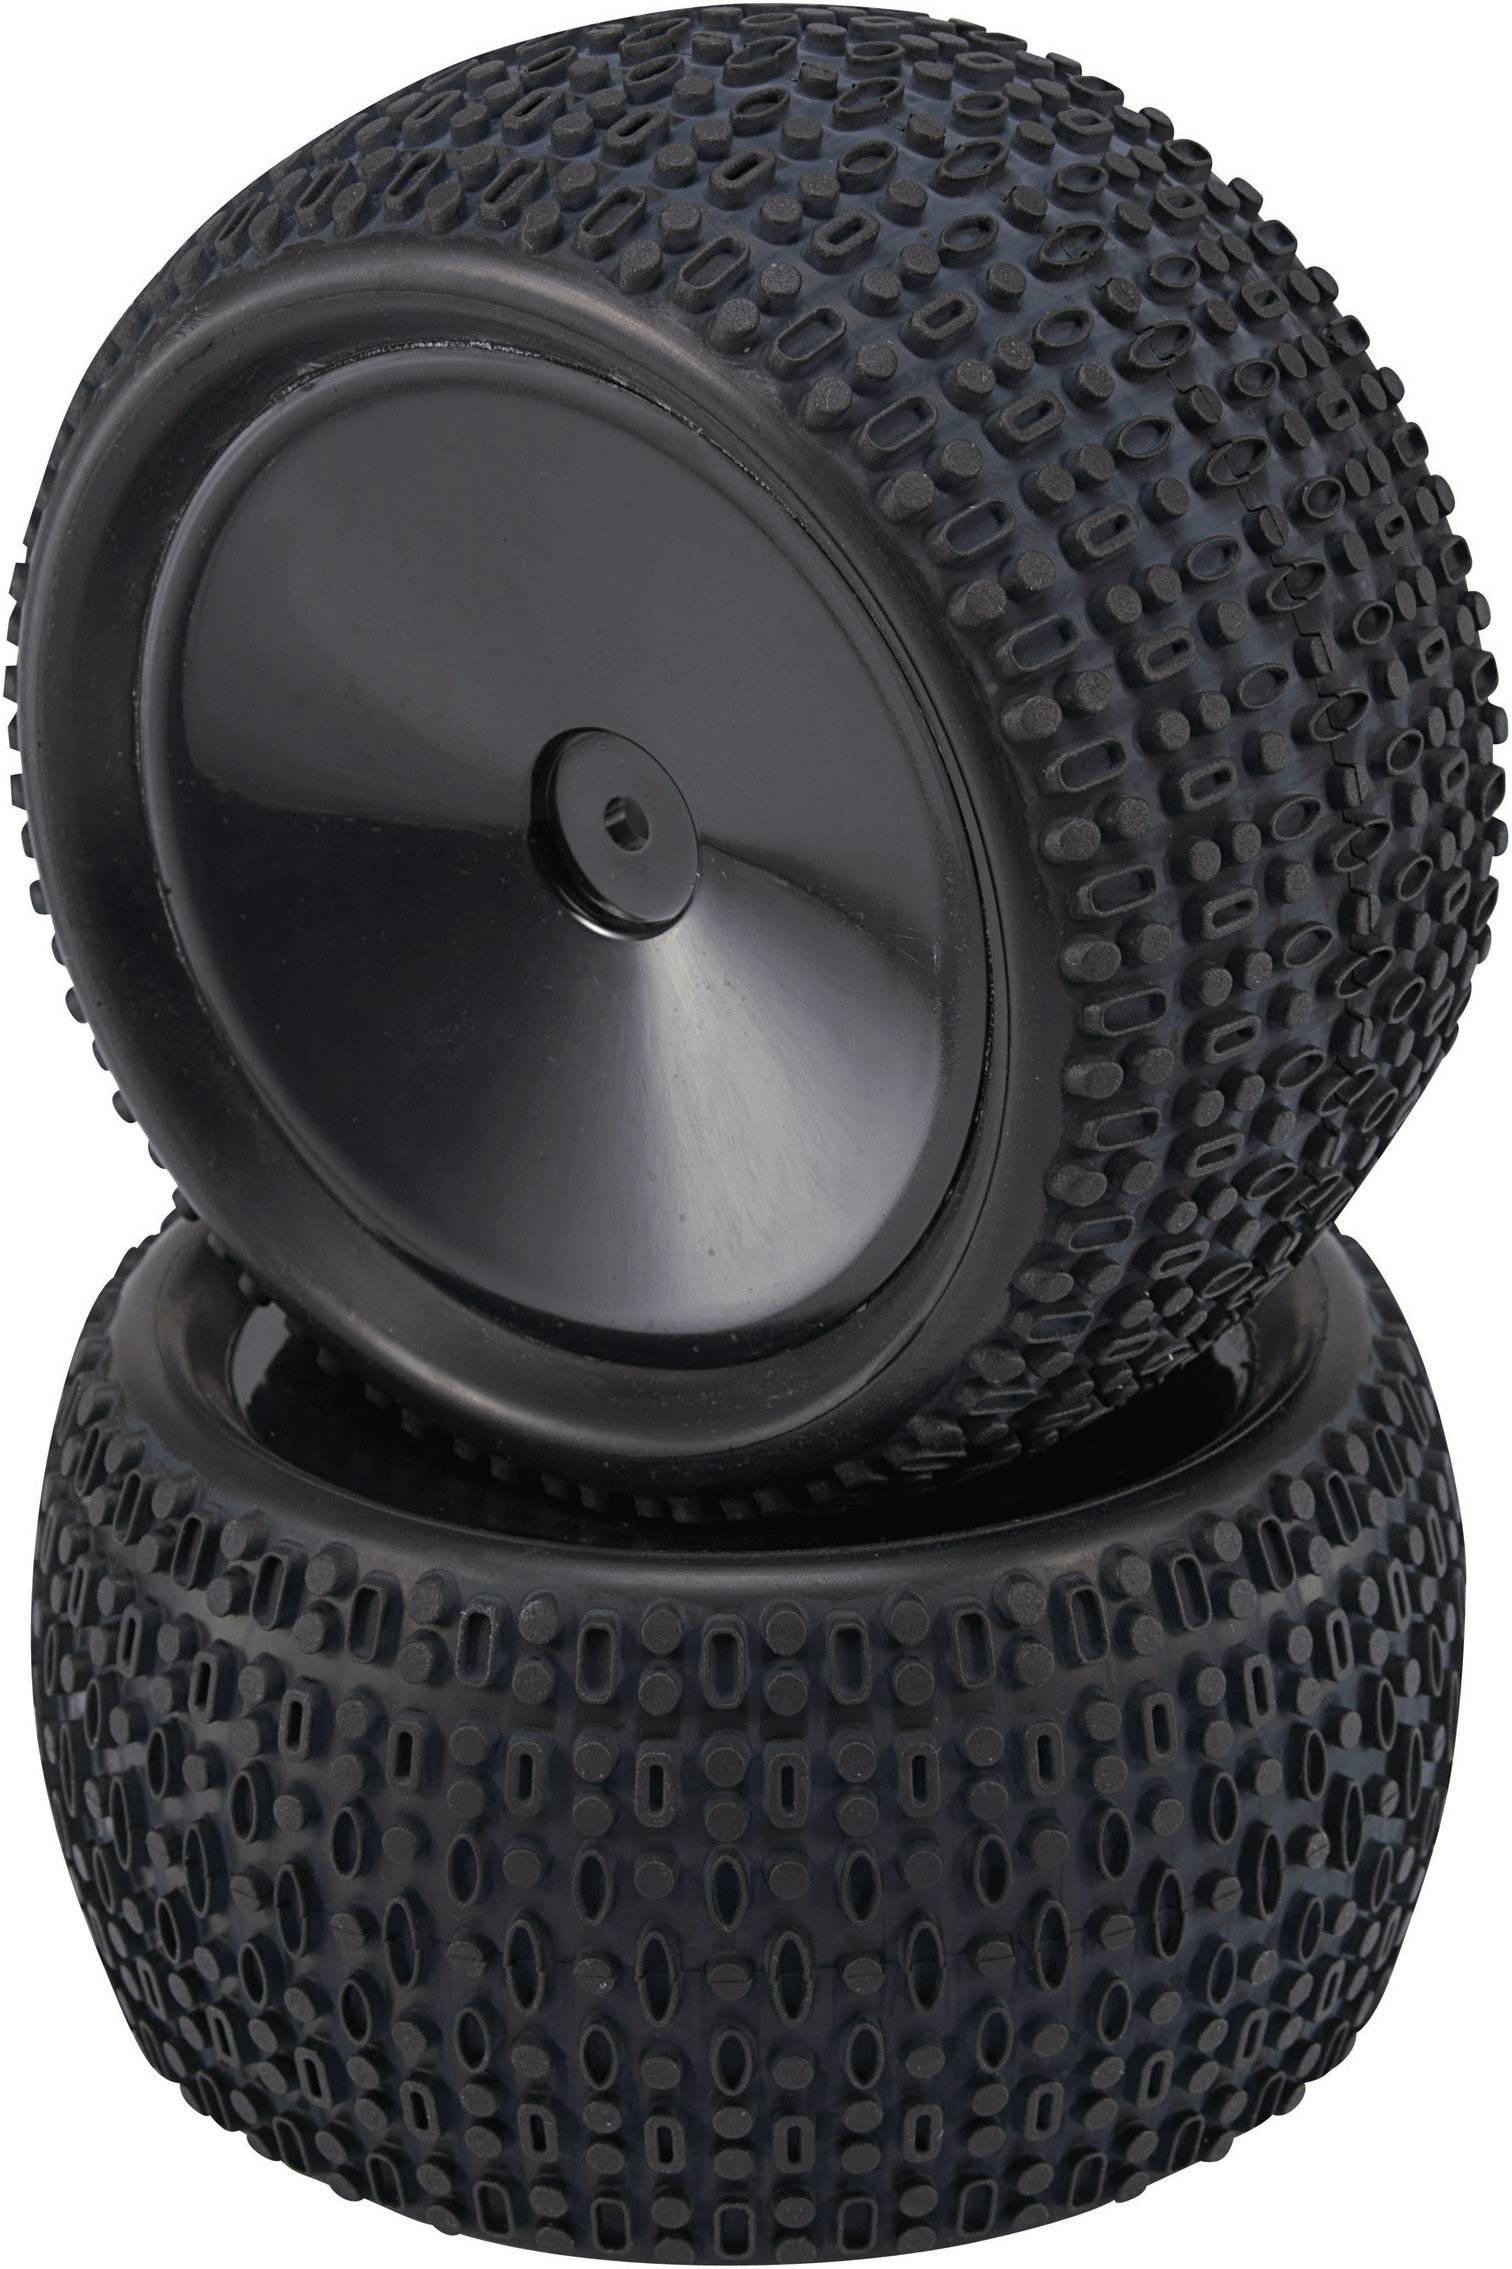 Kompletné kolesá Block-Spike Reely VA36935SBA1 pre truggy, 109 mm, 1:10, 2 ks, čierna